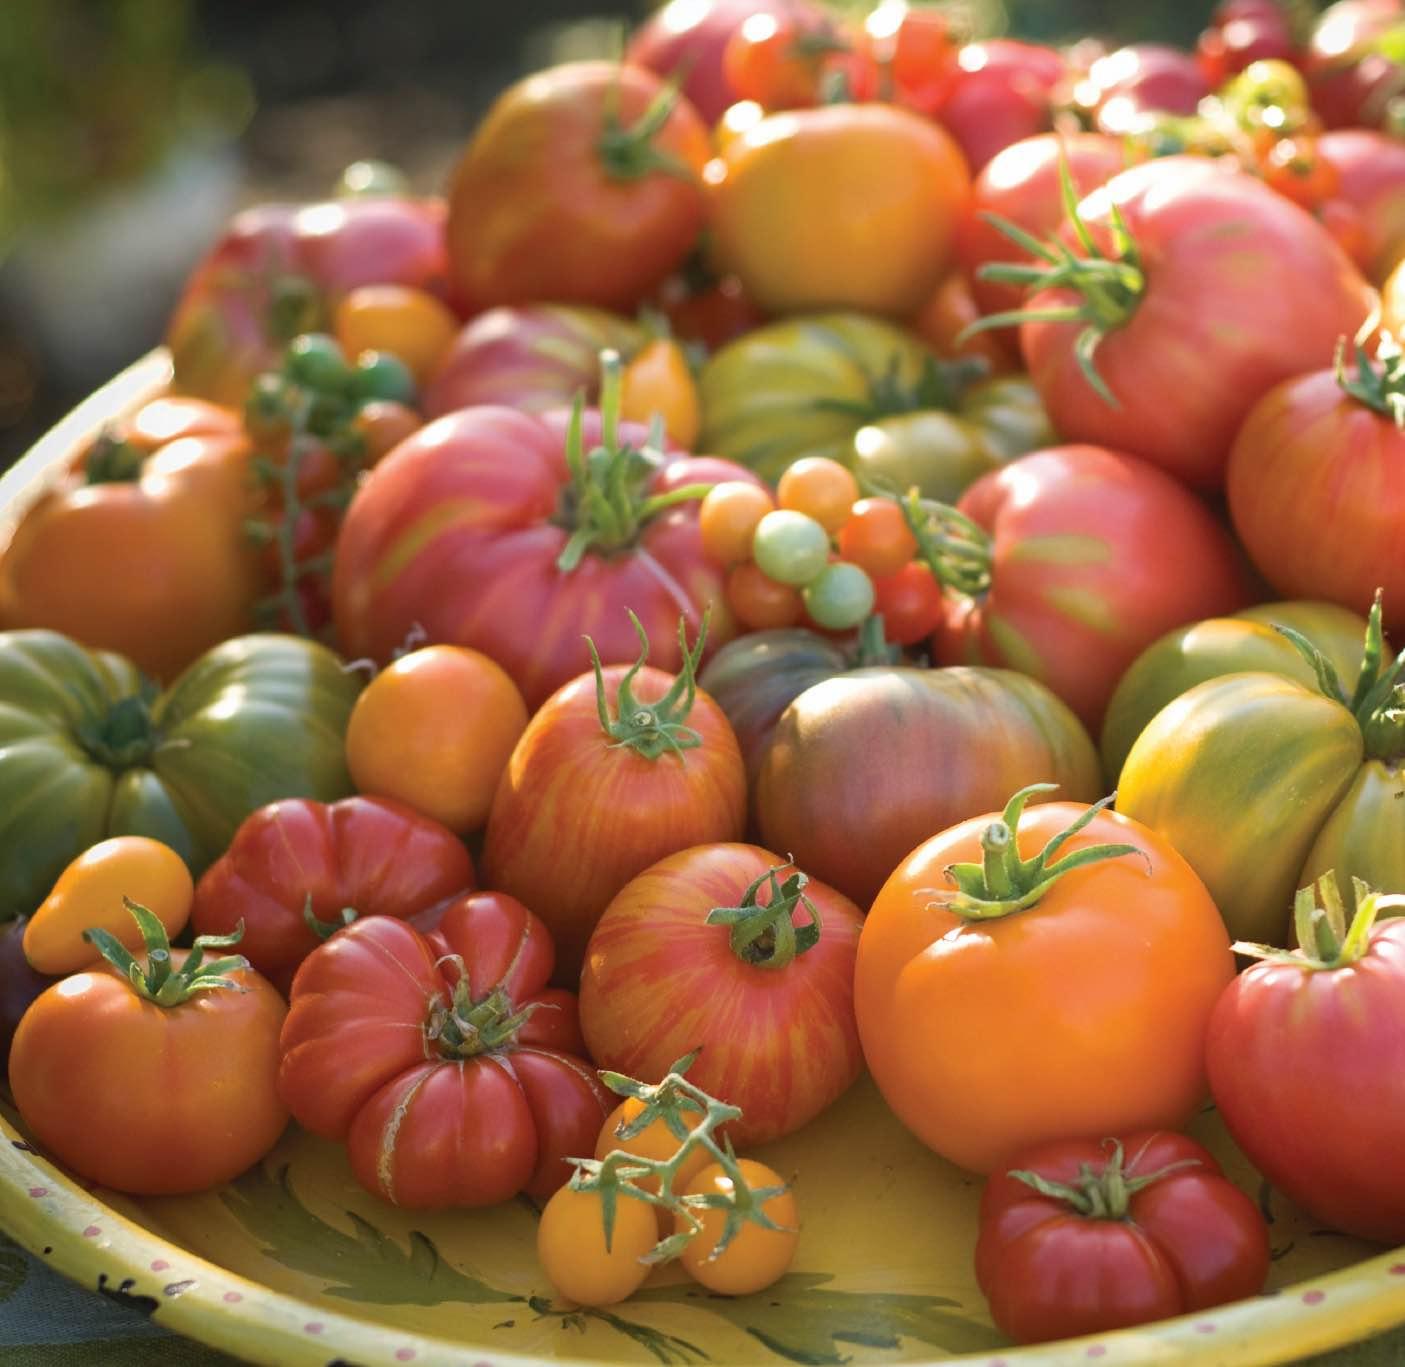 Помидоры: выбор сорта, подготовка и посев семян, уход за рассадой